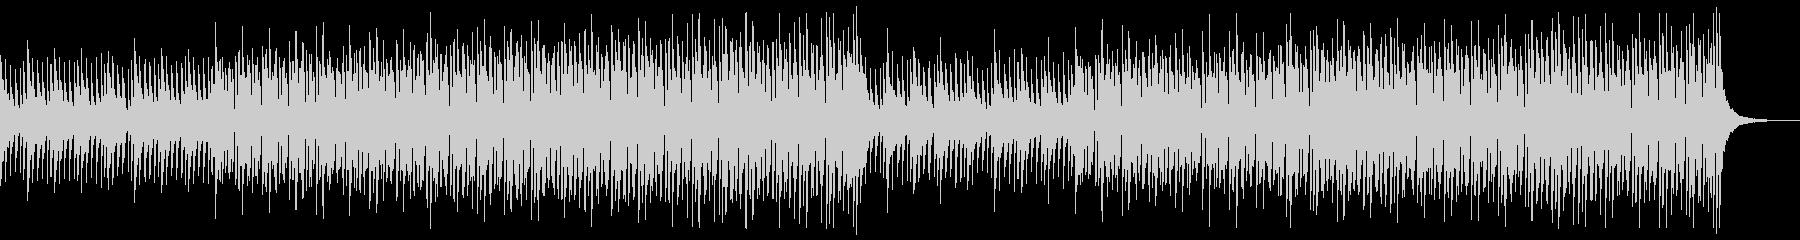 シンセ無しver ゆったり ピアノ&鉄琴の未再生の波形